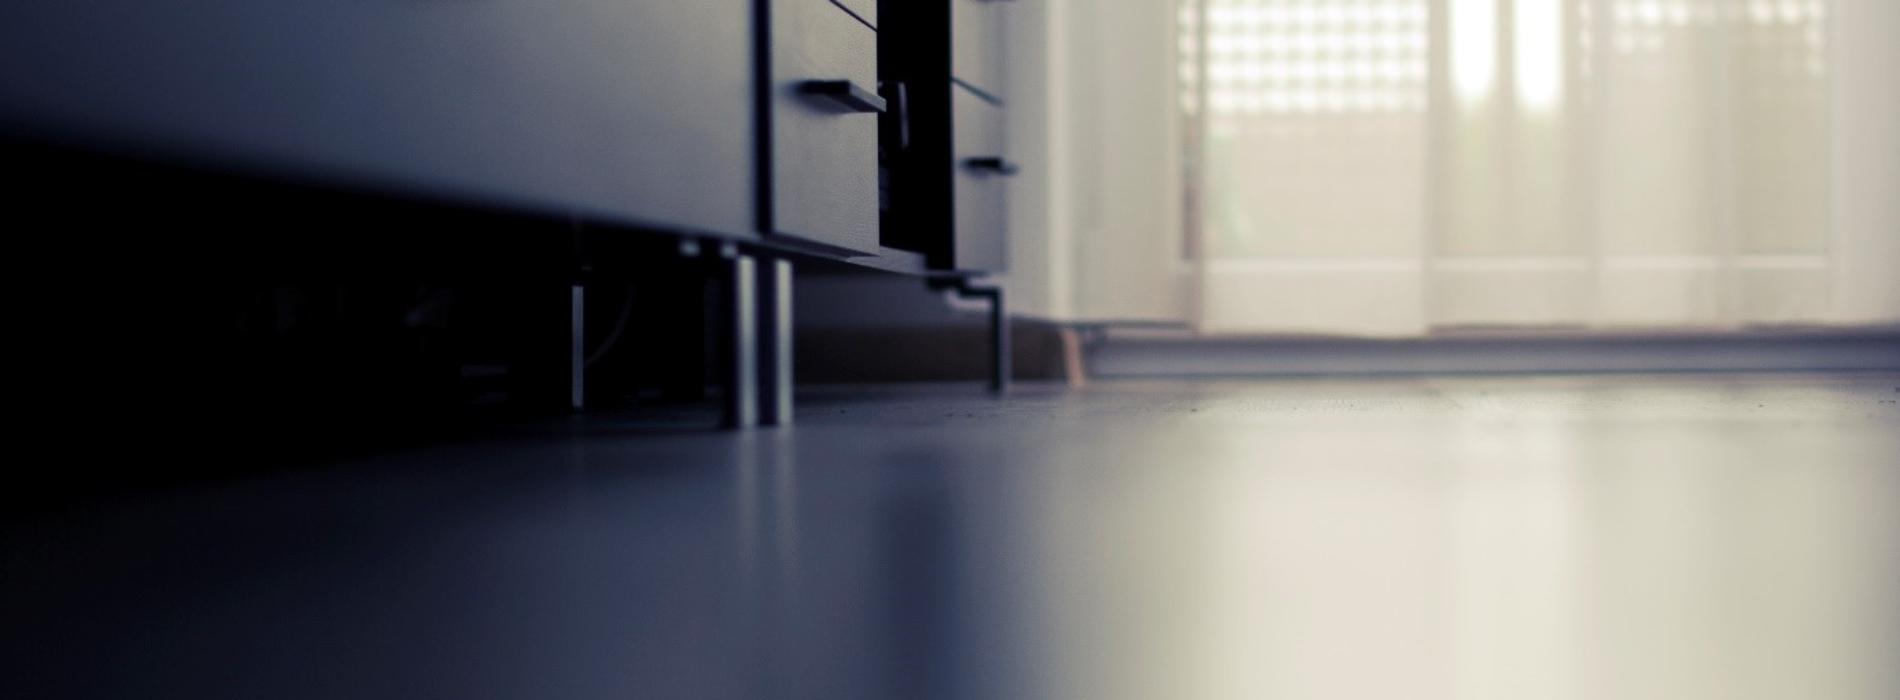 Jak dobrać najlepsze wykładziny do biura? Porady ekspertów